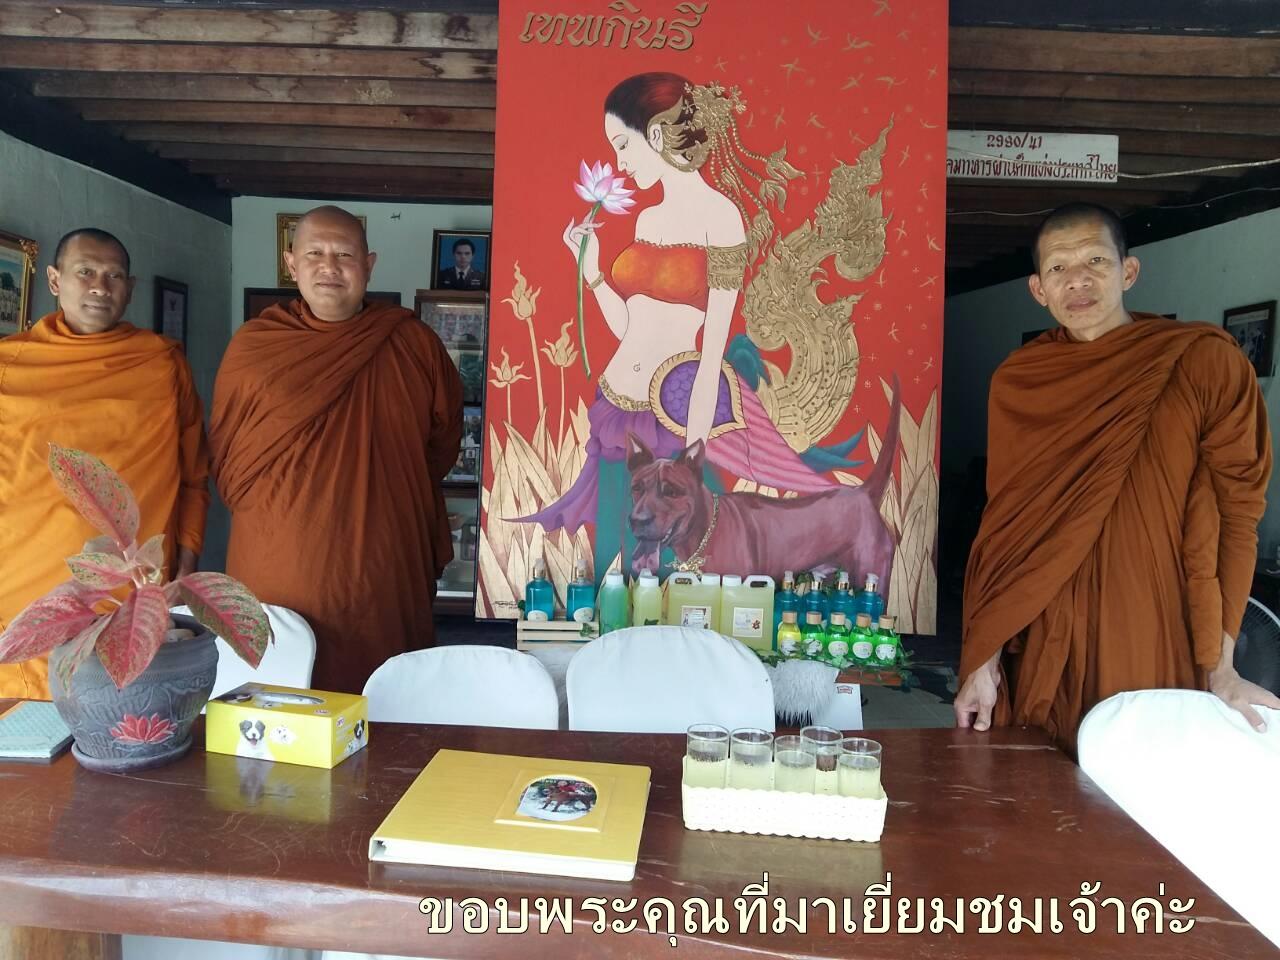 พระอาจารย์มาเยี่ยมบ้านไทยหลังอานเชียงรายเชียงใหม่1